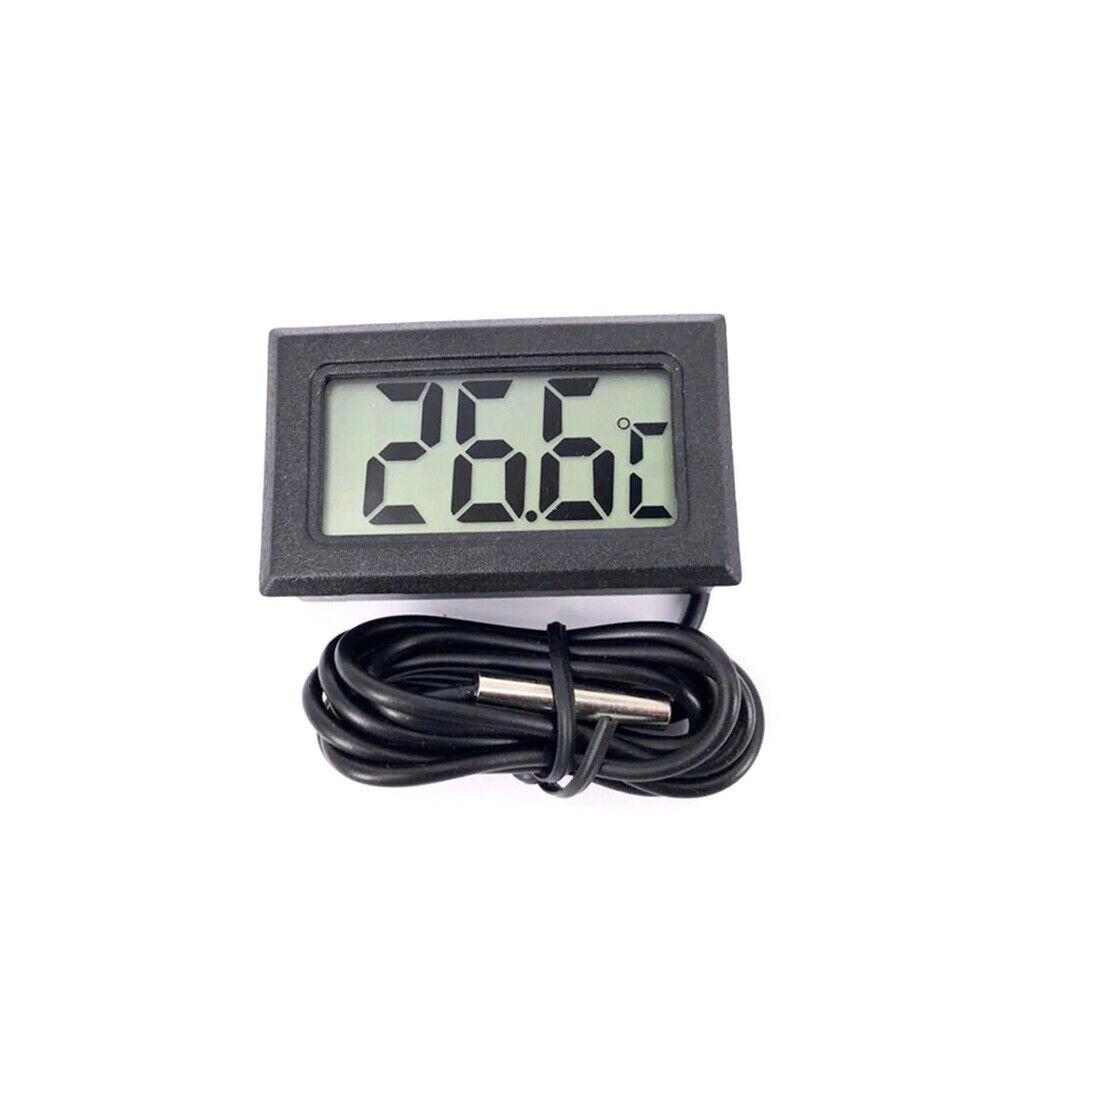 1 Thermomètre numérique LCD température -50 ~ 110 degrés noir + 2 piles LR44